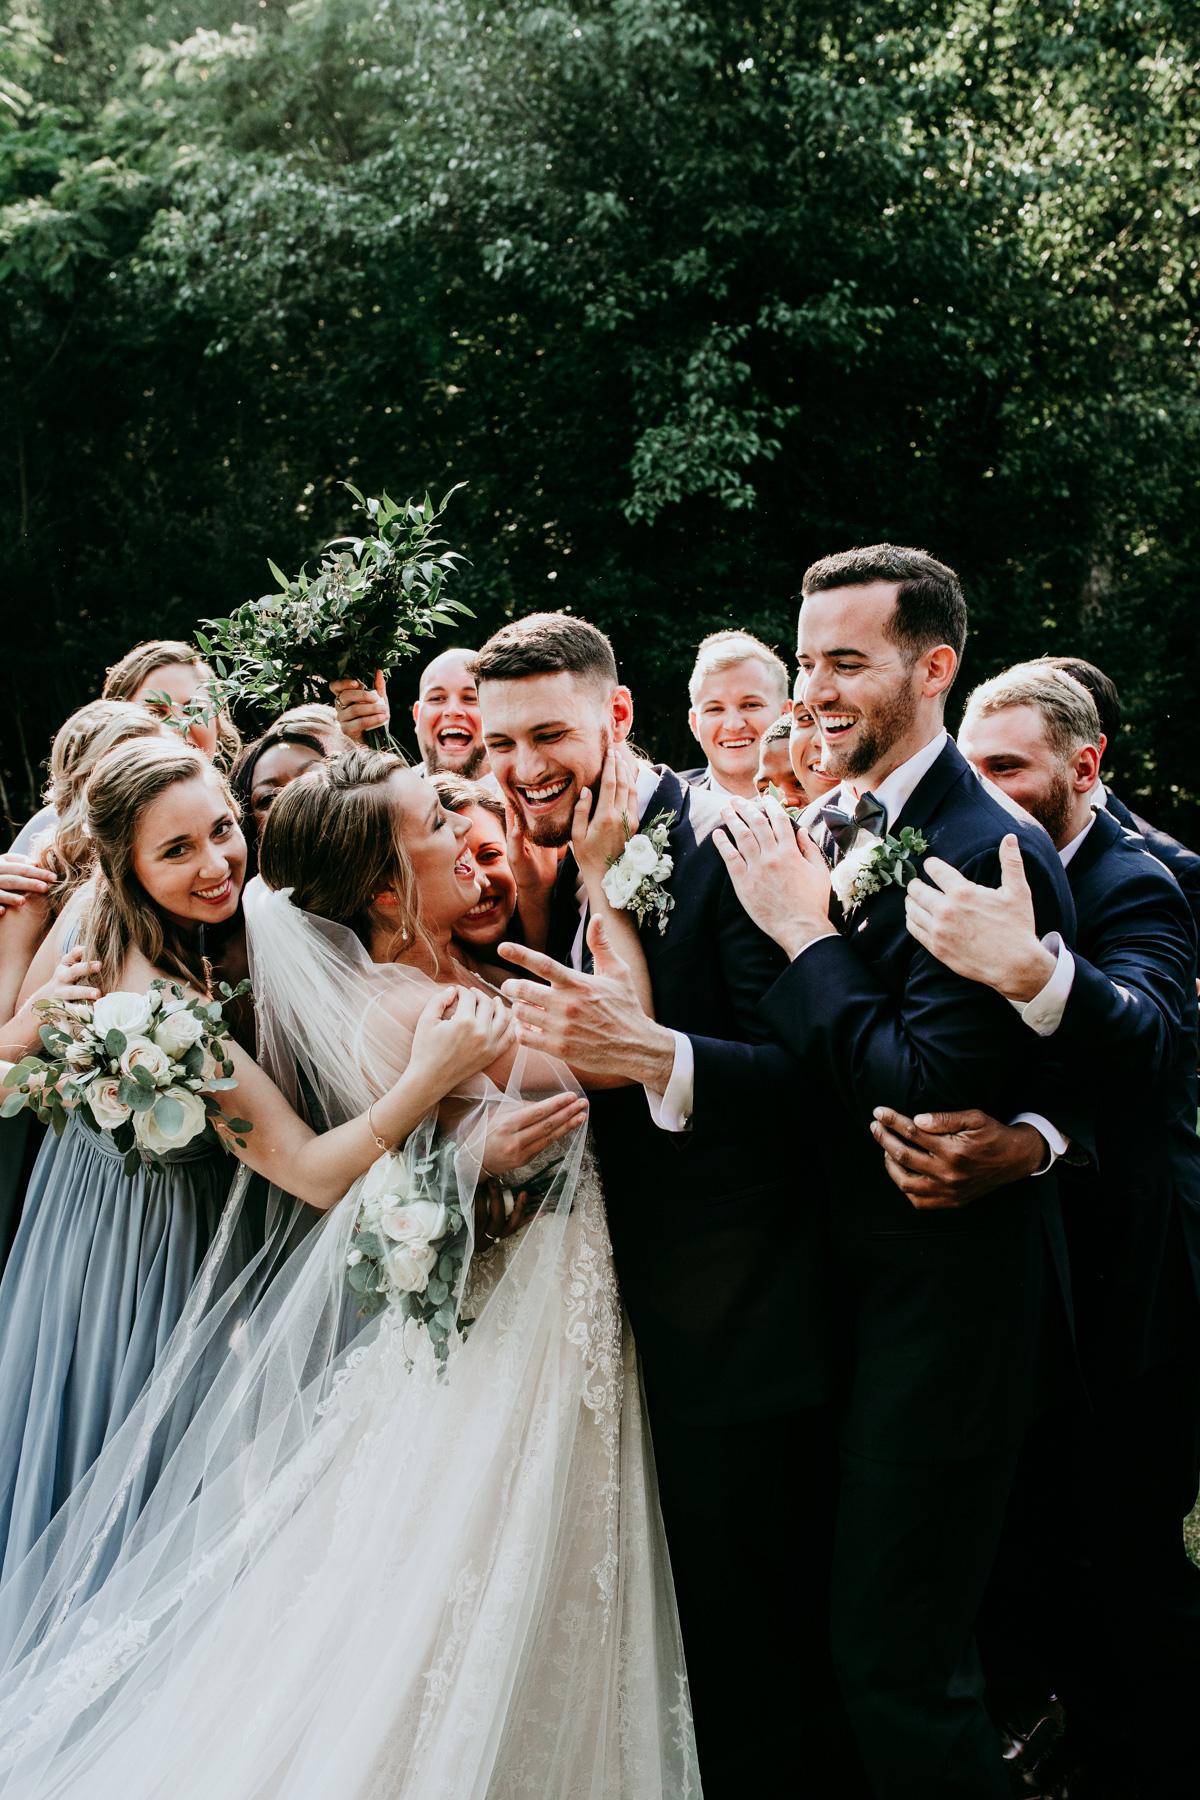 creative-bride-and-groom-photos.jpg